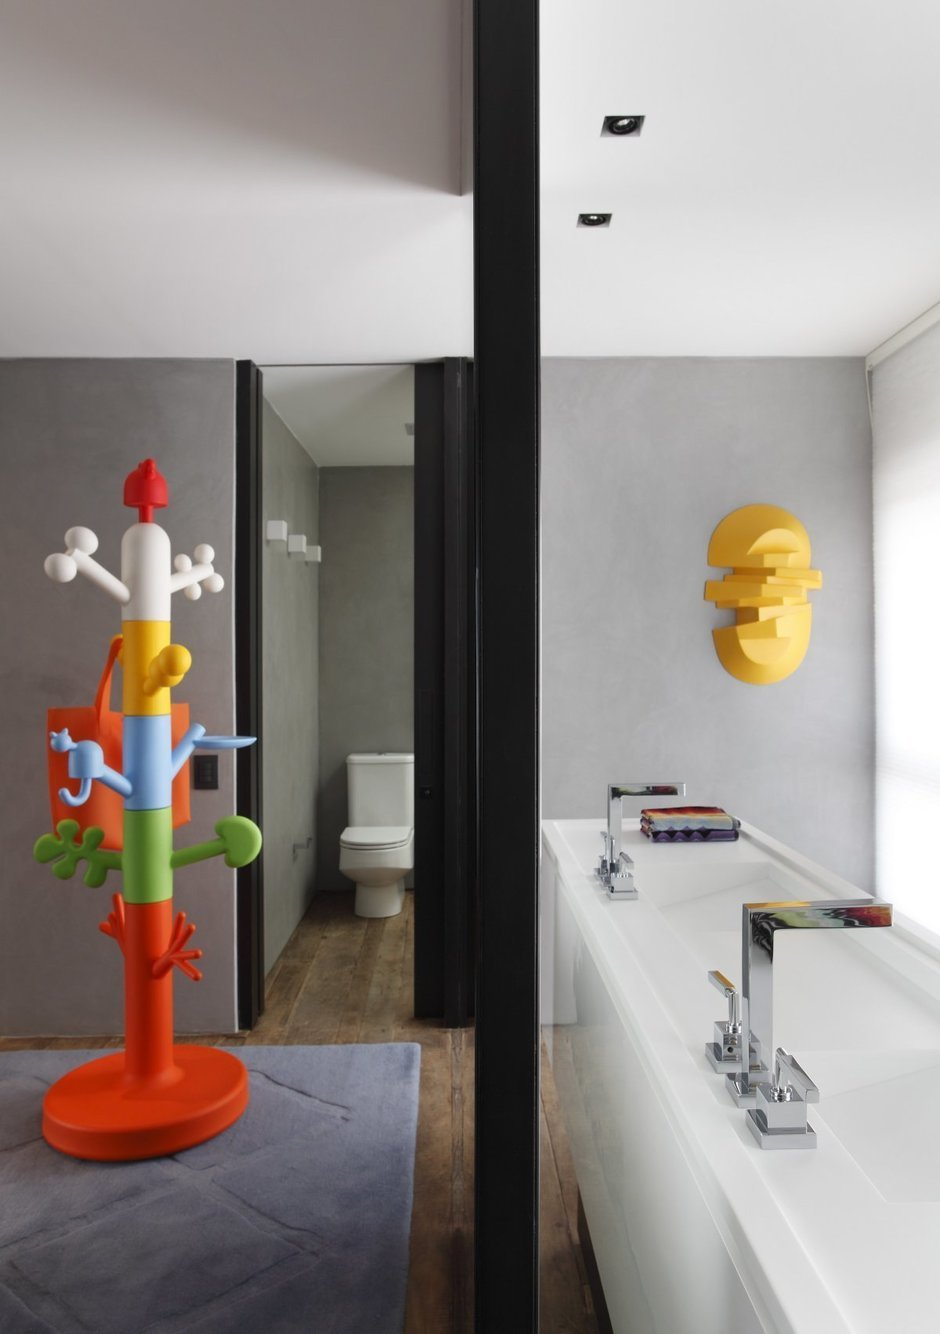 Фотография: Ванная в стиле Современный, Дом, Цвет в интерьере, Дома и квартиры, Серый, Бразилия, Пол, Сан-Паулу – фото на InMyRoom.ru